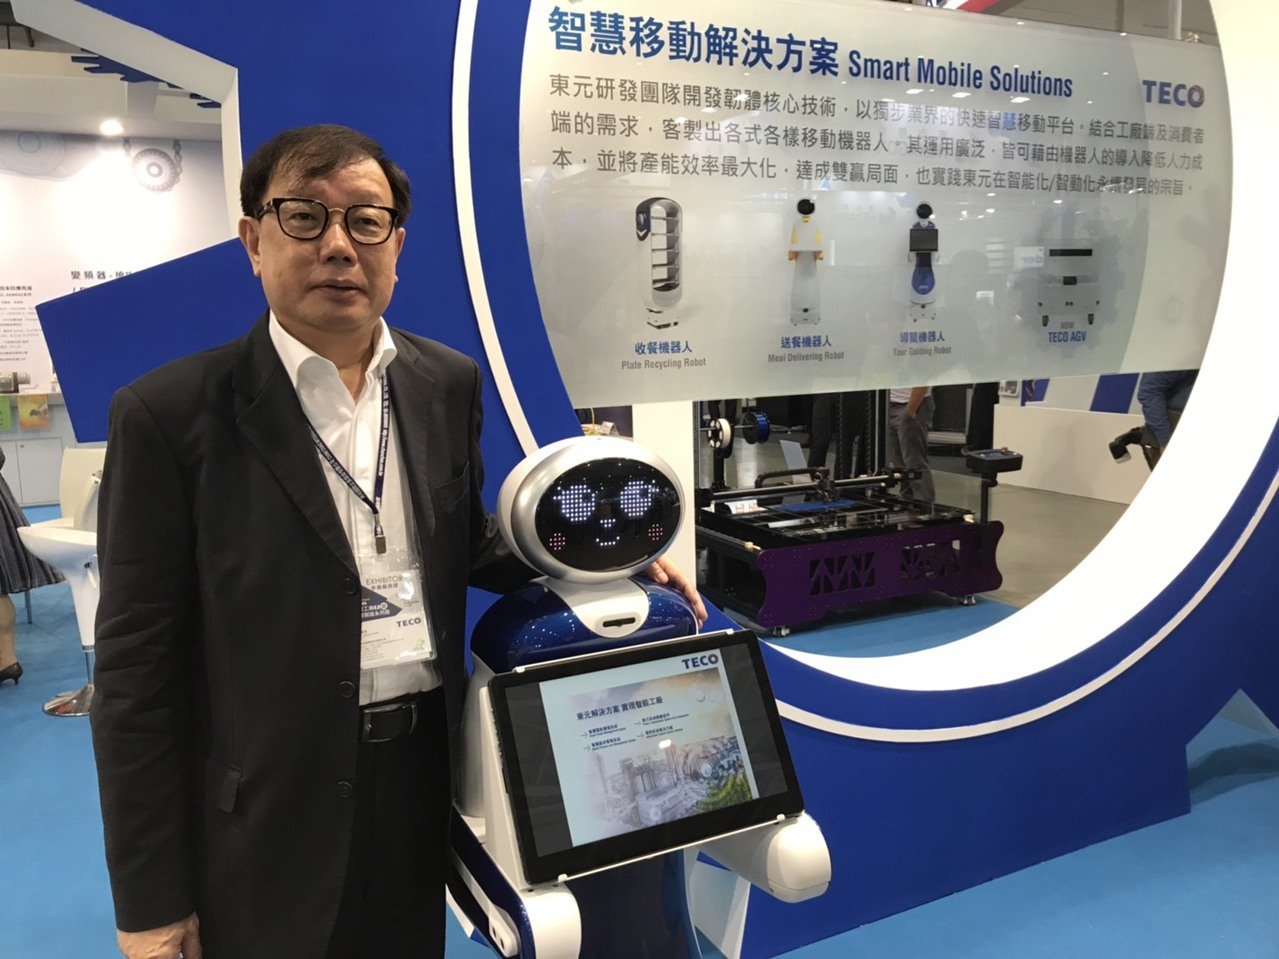 東元自動化暨智能系統事業部協理林勝泉展示導覽機器人。記者蔡銘仁/攝影